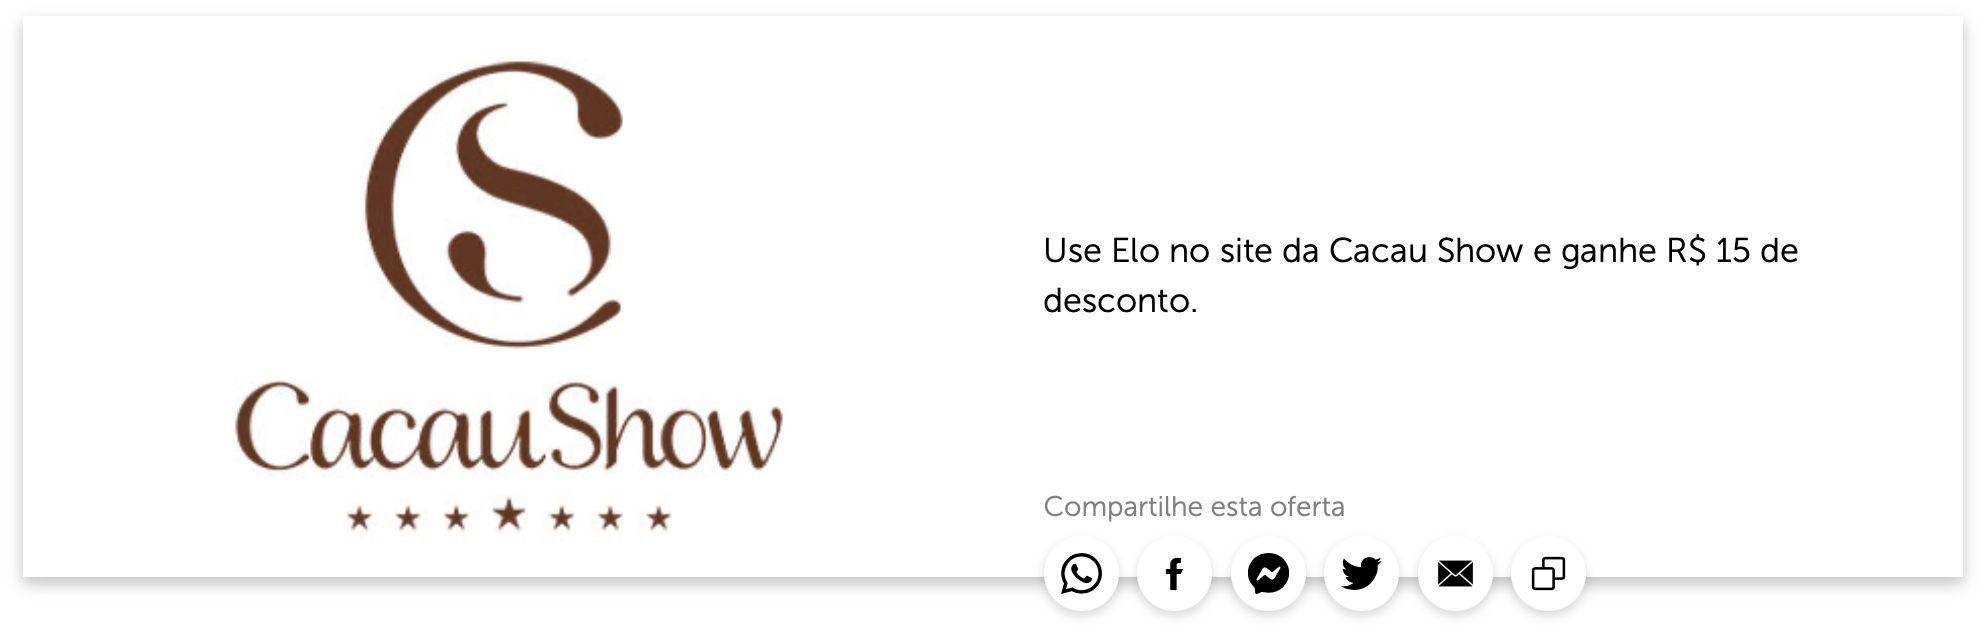 Elo Cacau Show